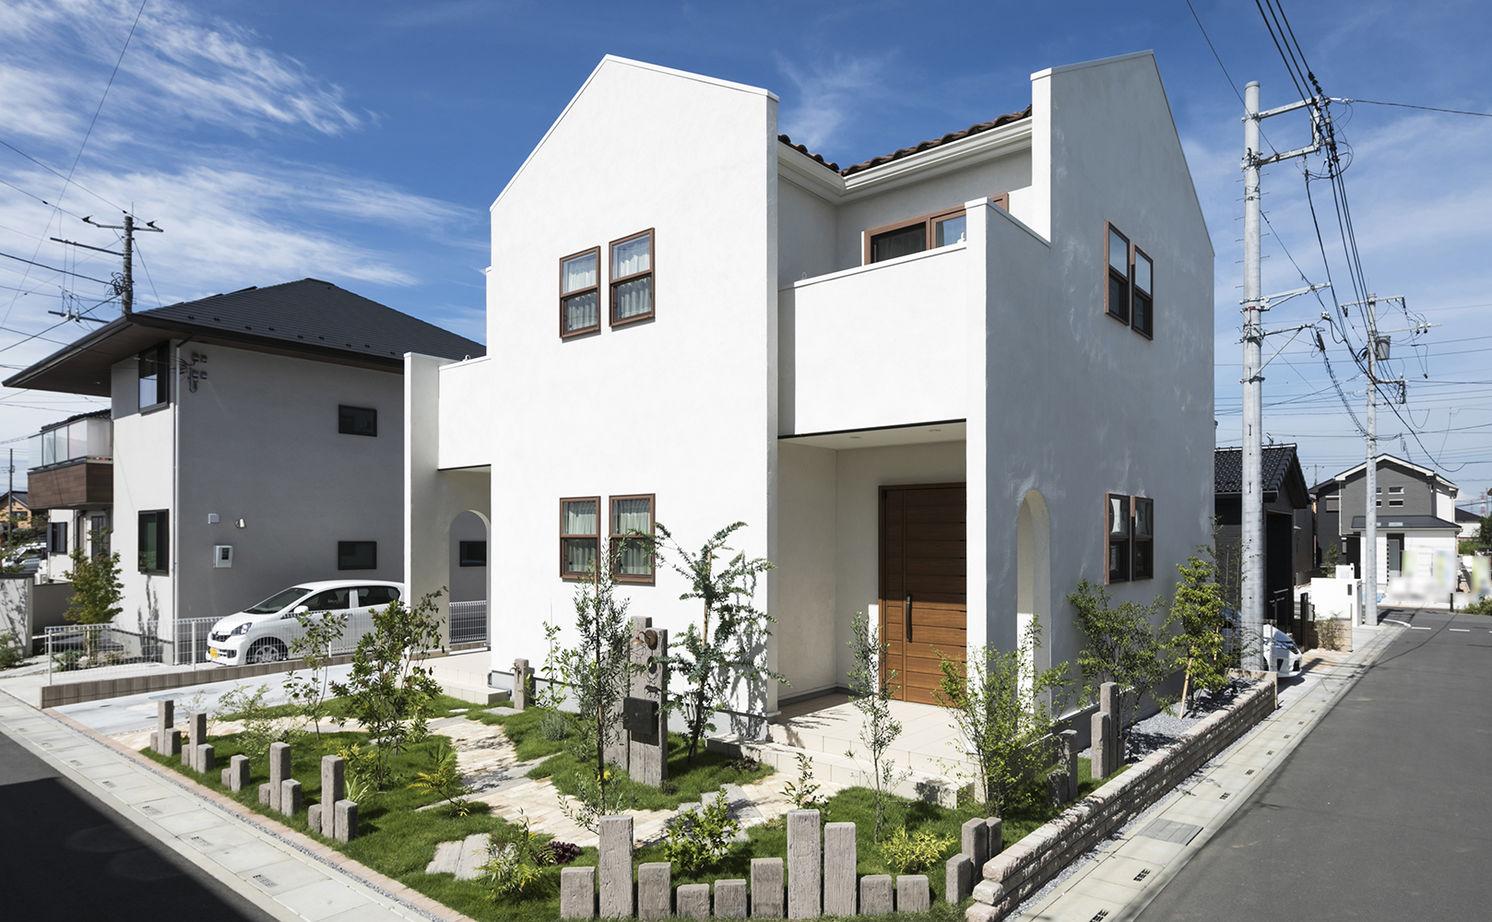 【1500~2000万円】【趣味を楽しむ】【間取り図有】素材とデザインにこだわったフル装備住宅画像2